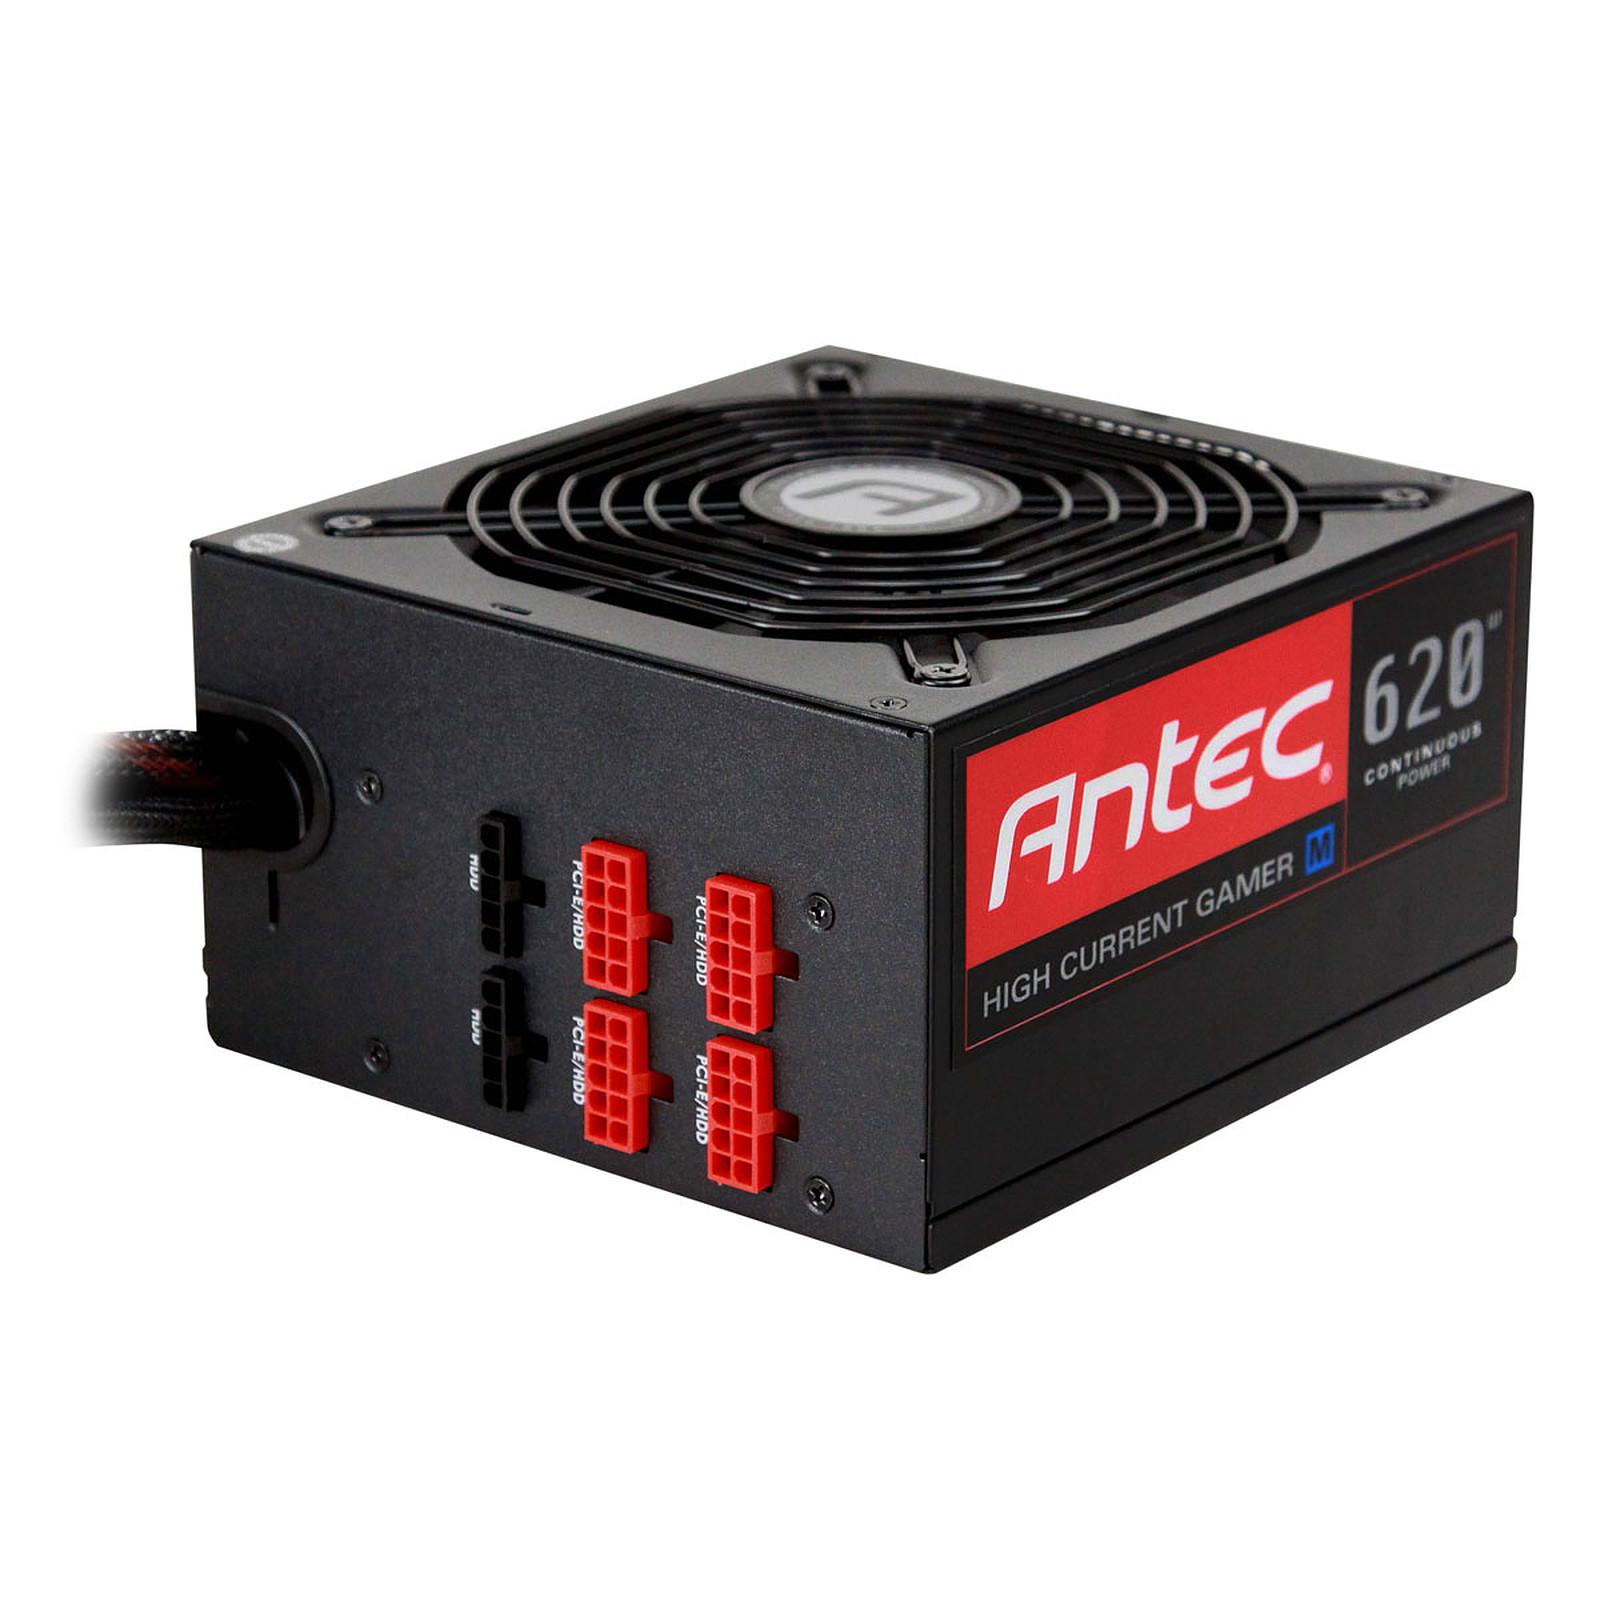 Antec High Current Gamer 620M 80PLUS Bronze